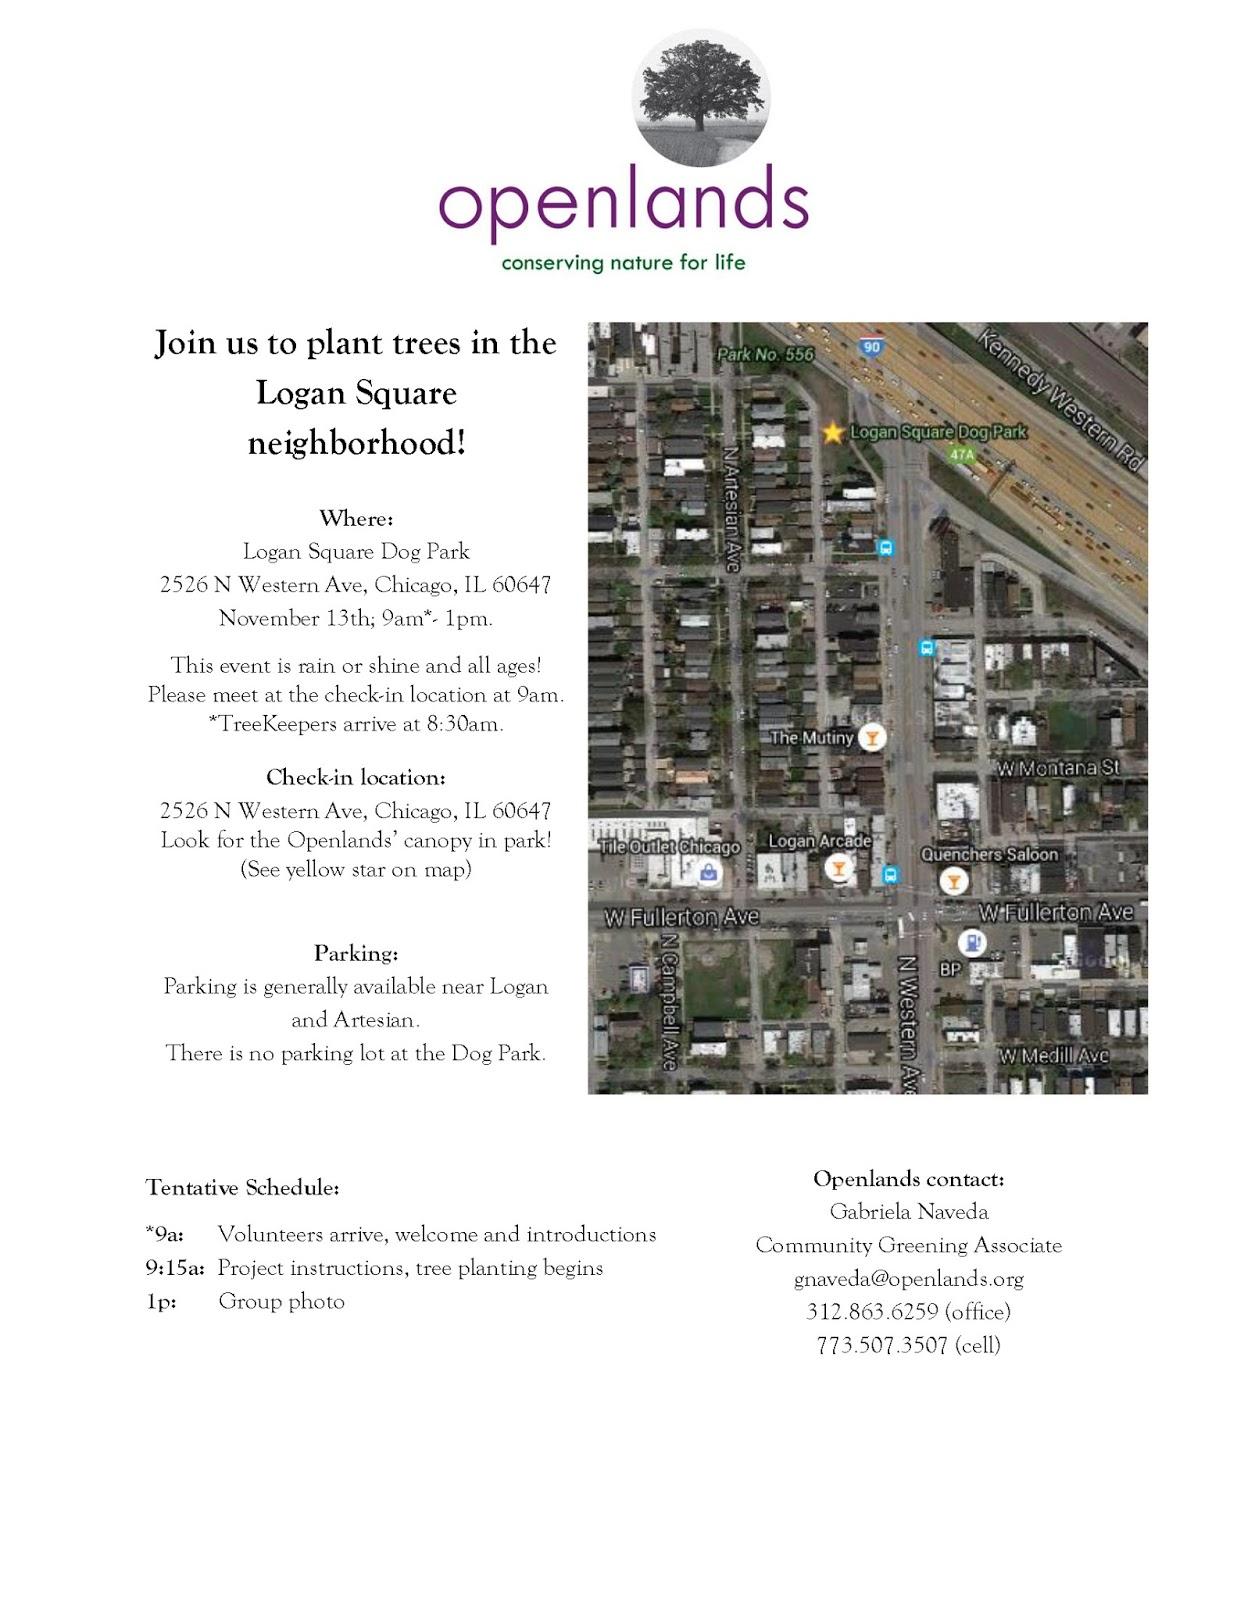 Logan Square Dog Park - Map of chicago dog parks